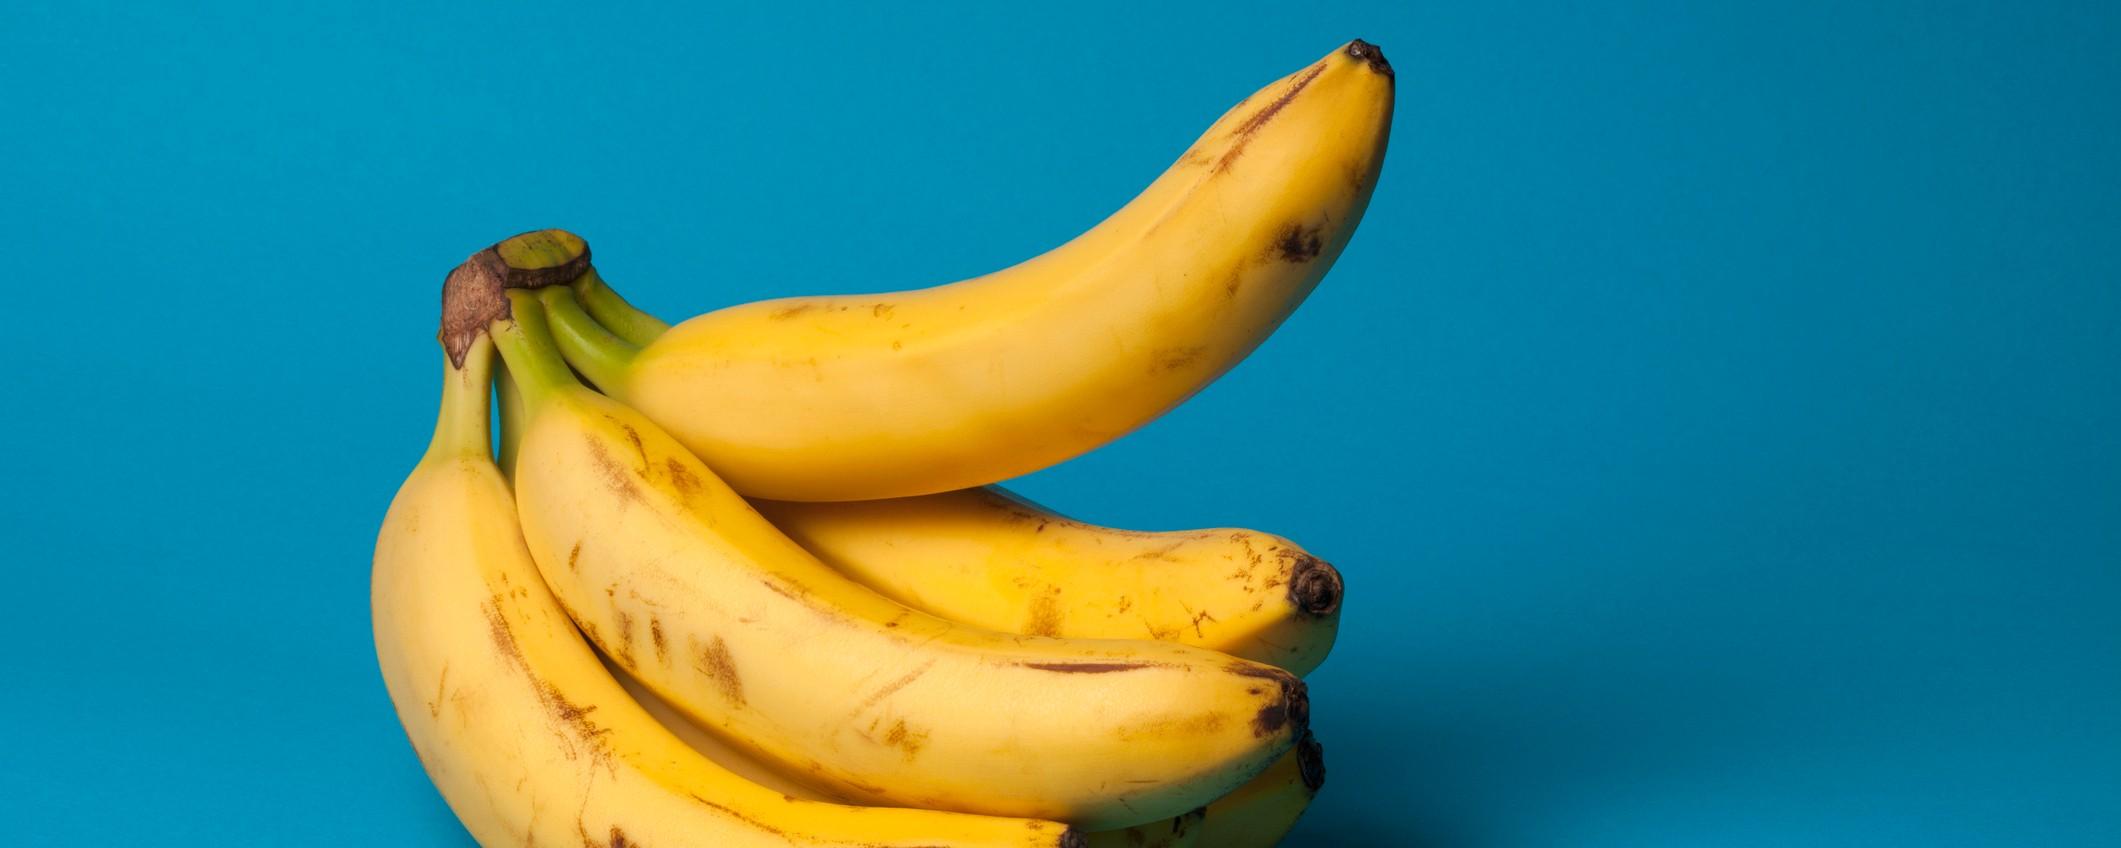 cum să mărești corect penisul mama în timpul erecției